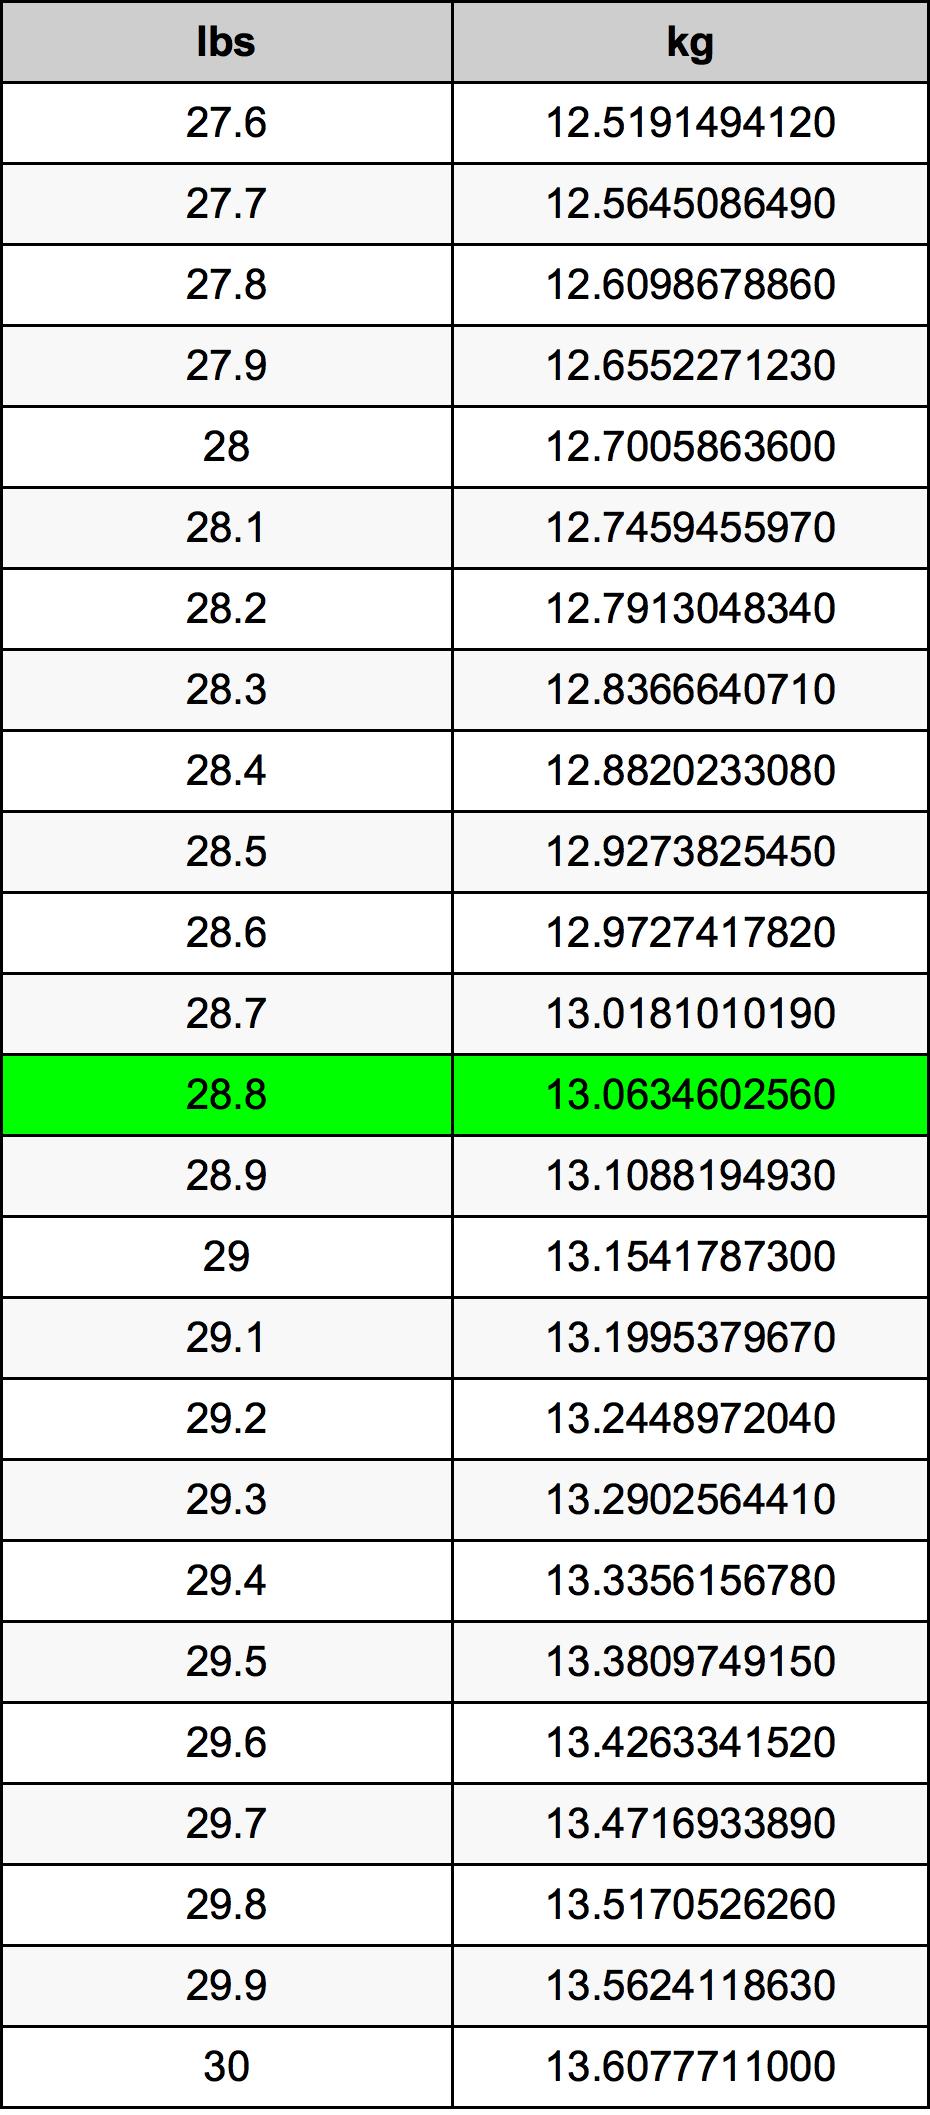 28.8 λίμπρα Πίνακας Μετατροπής